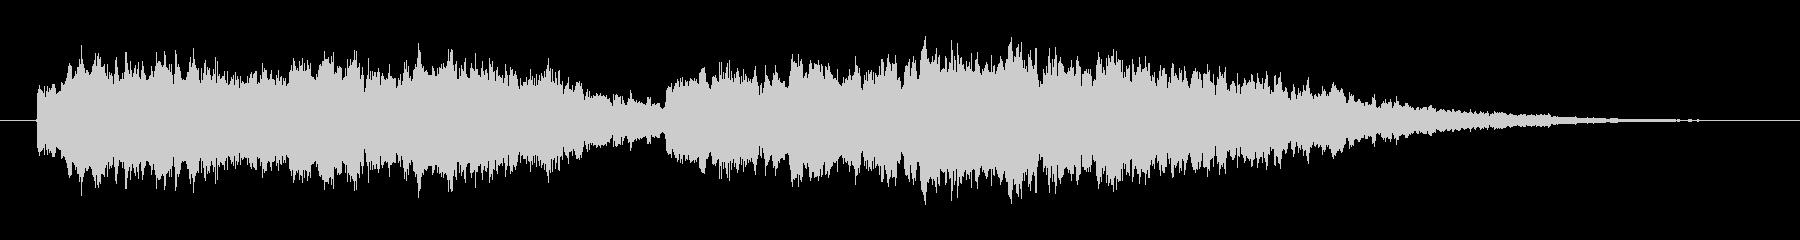 キーンコーンカーンコーンの未再生の波形